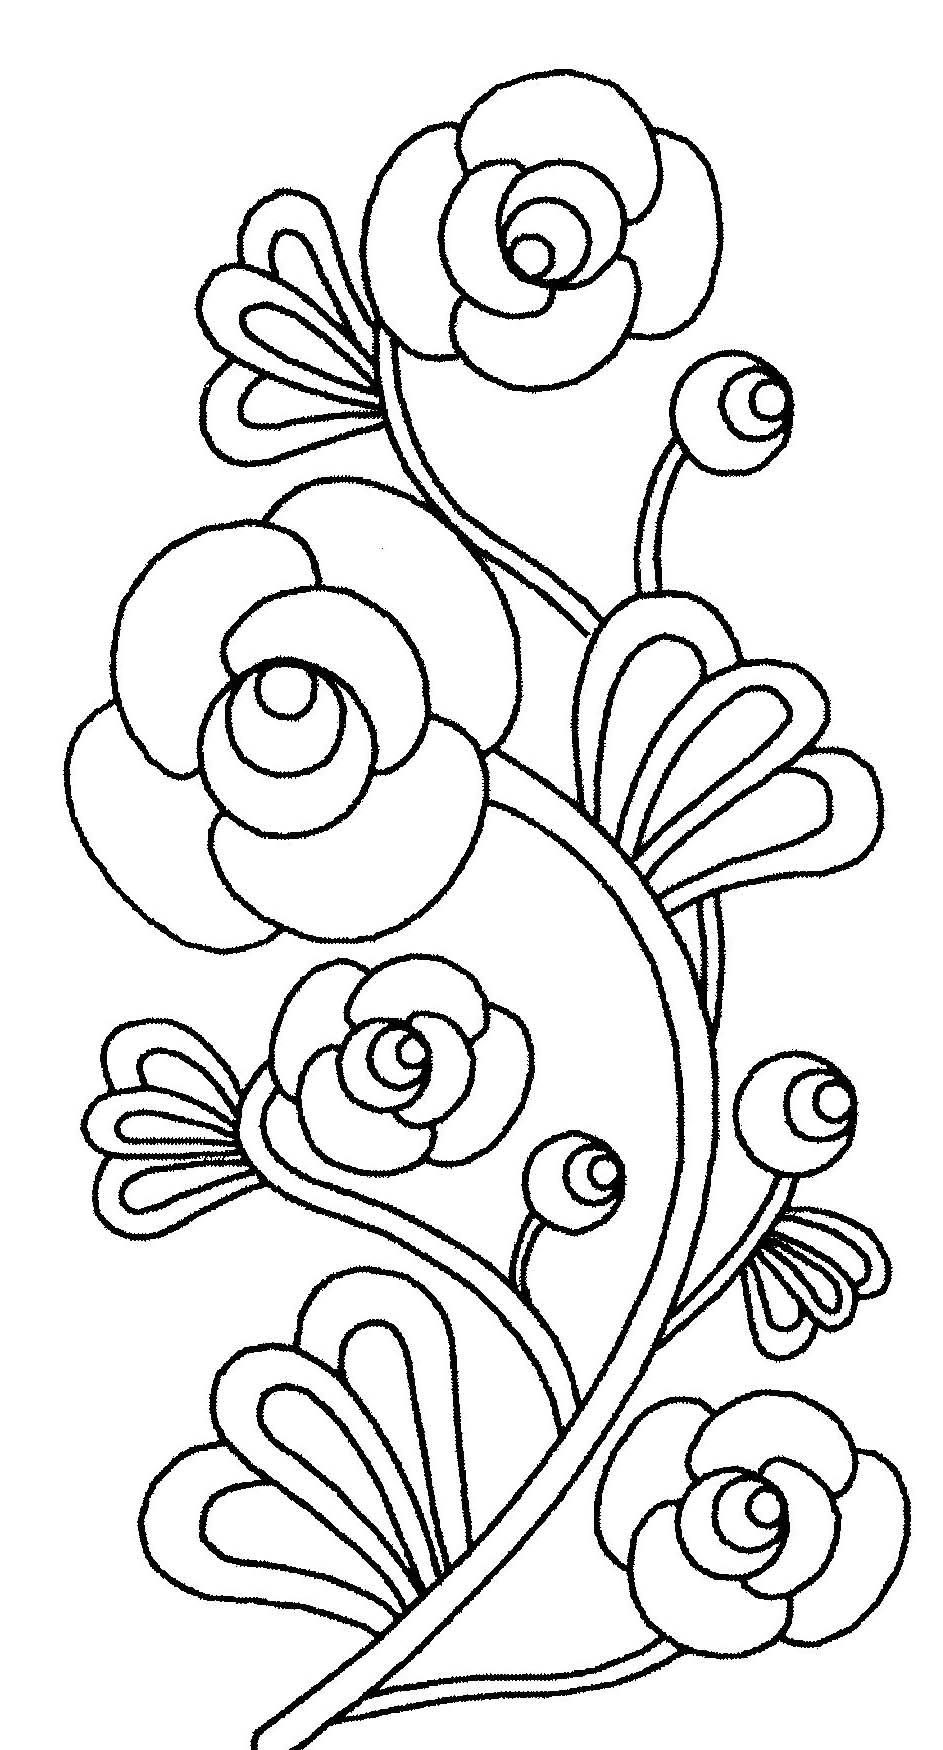 coloriage fleurs Coloriage fleur a imprimer